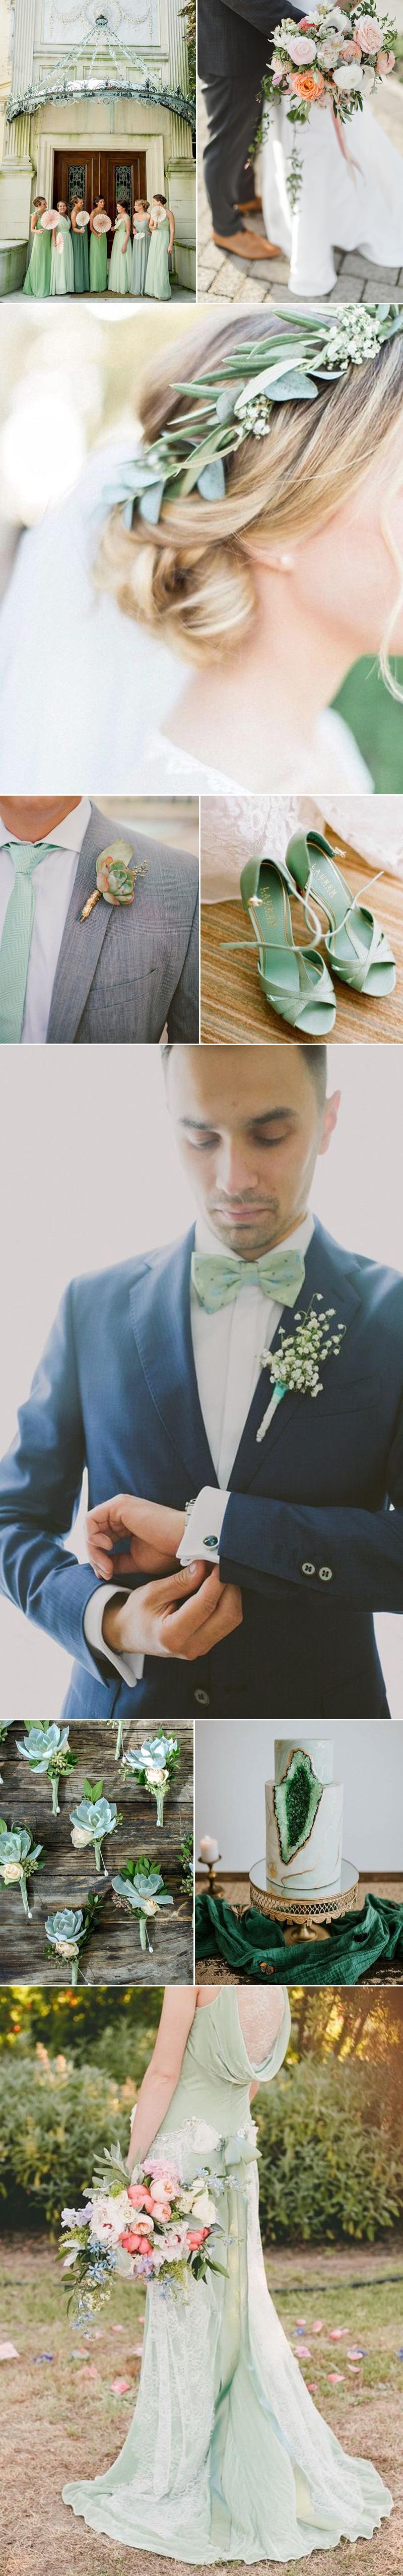 Wedding Ideas in Mint